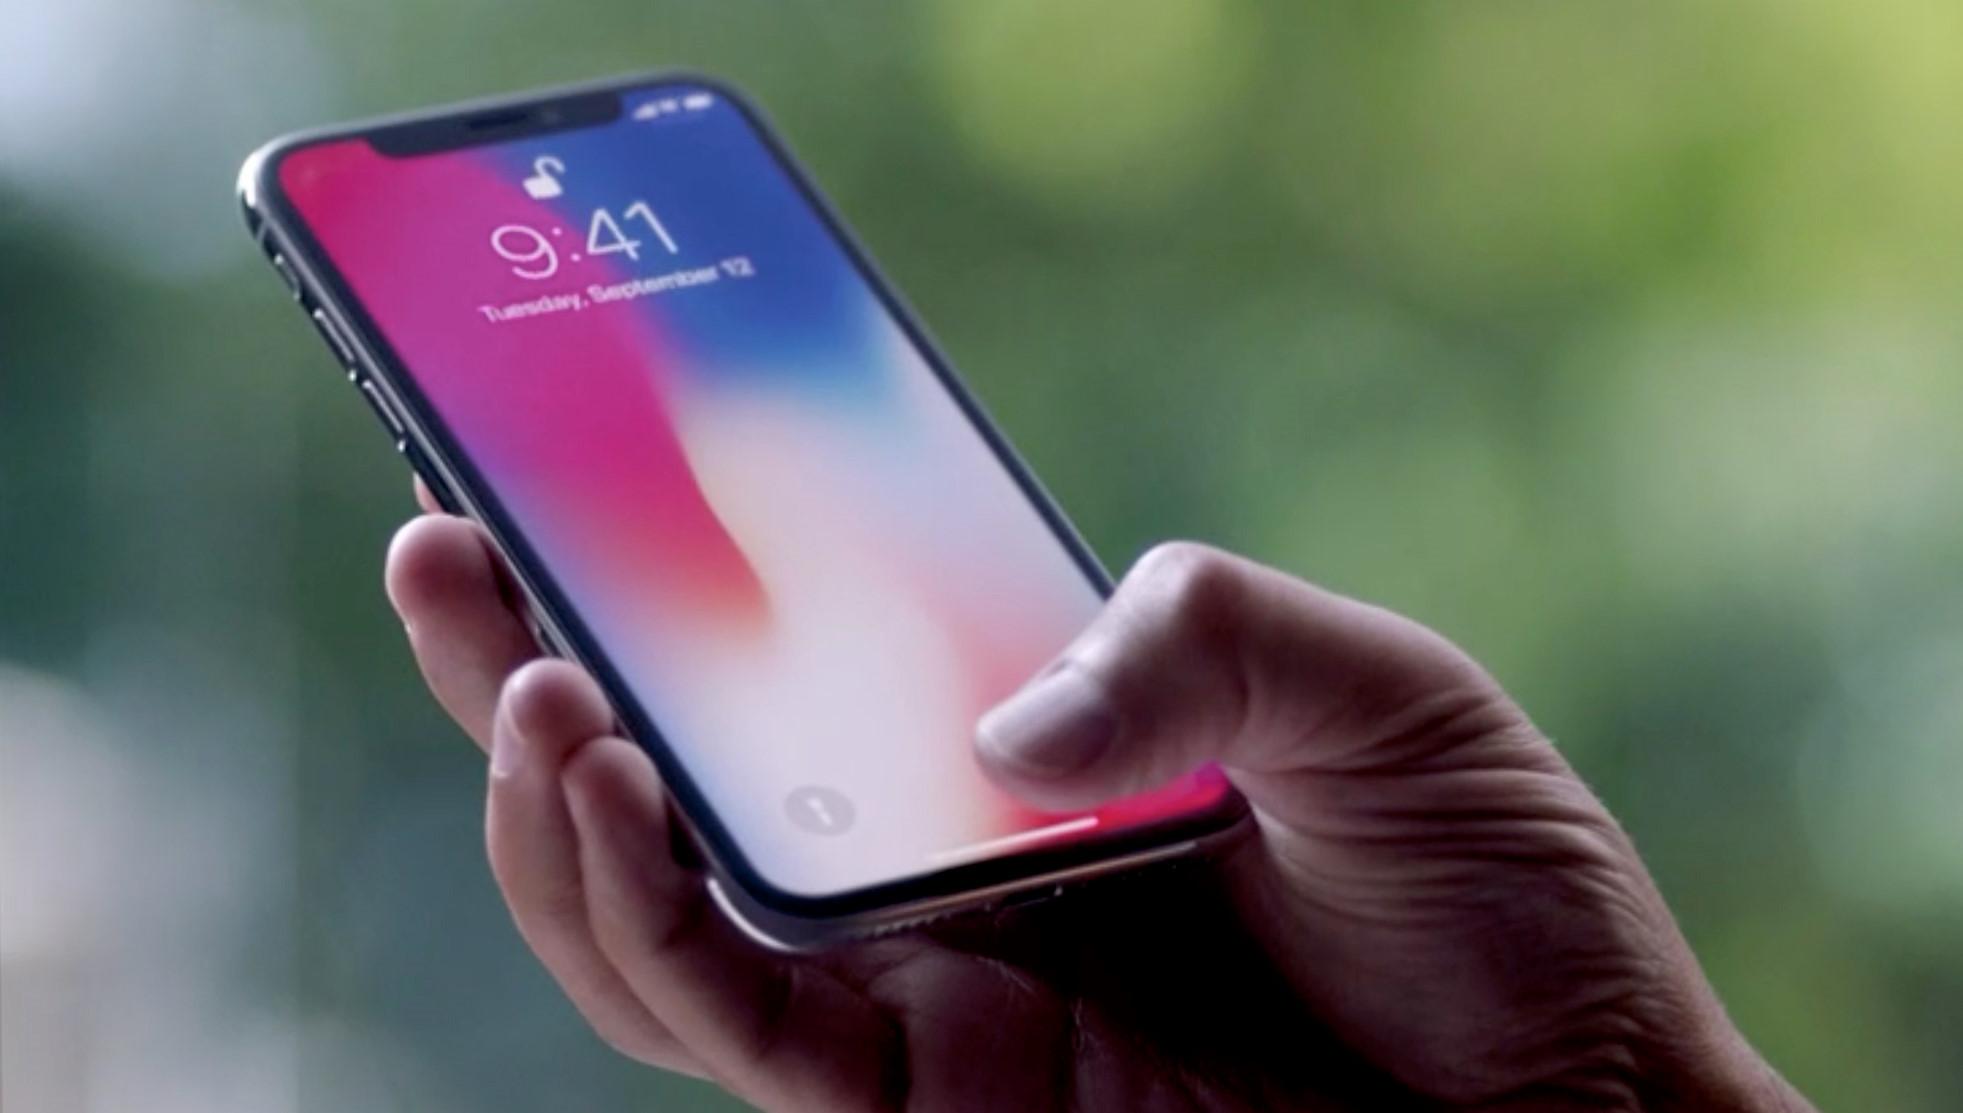 Mỗi chiếc iPhone X bán ra, Apple lời đến 2/3